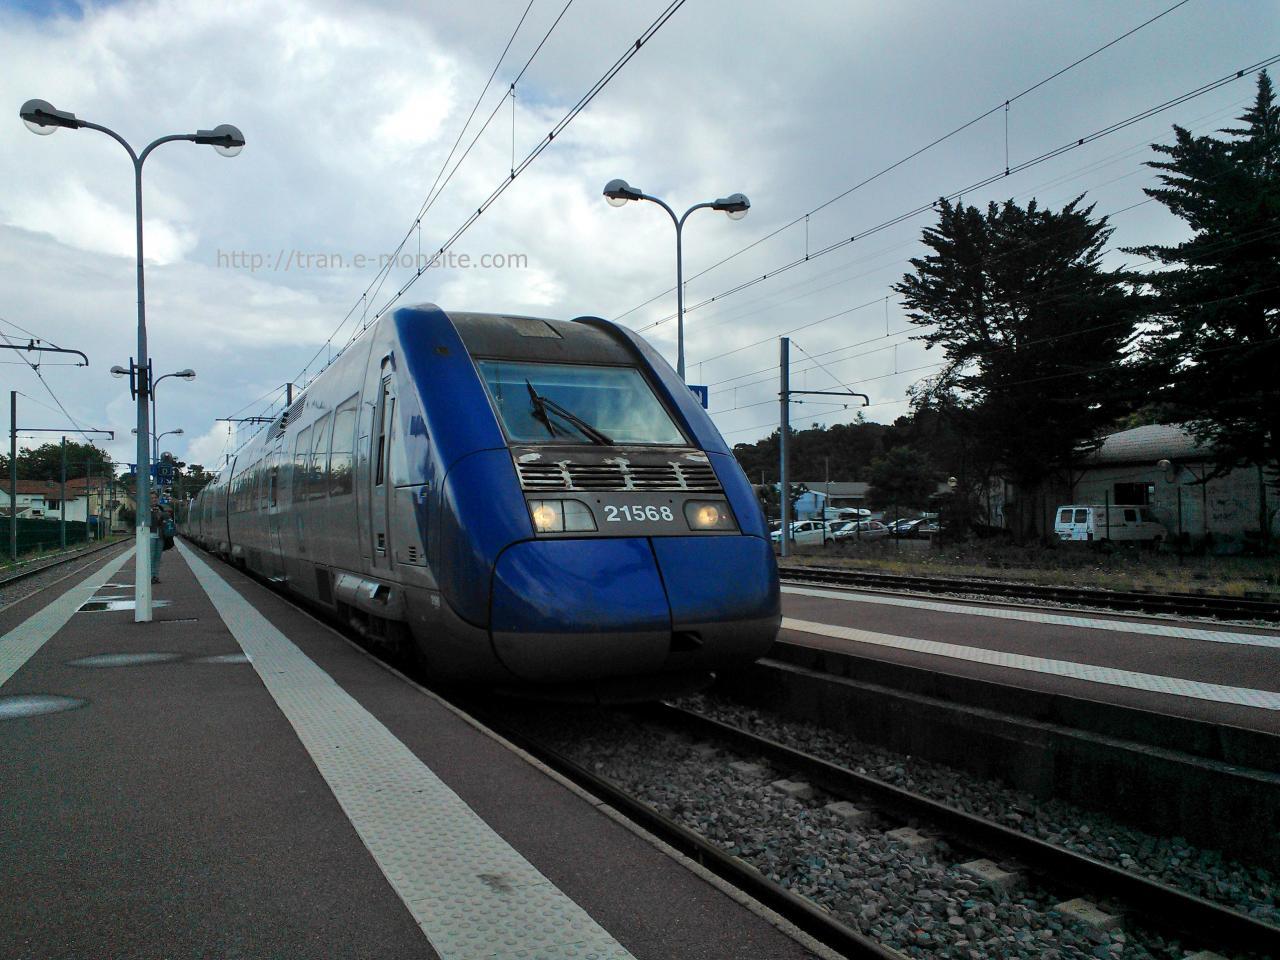 Ter aquitaine Z 21568 arrivant en gare d'Arcachon le 20/07/14